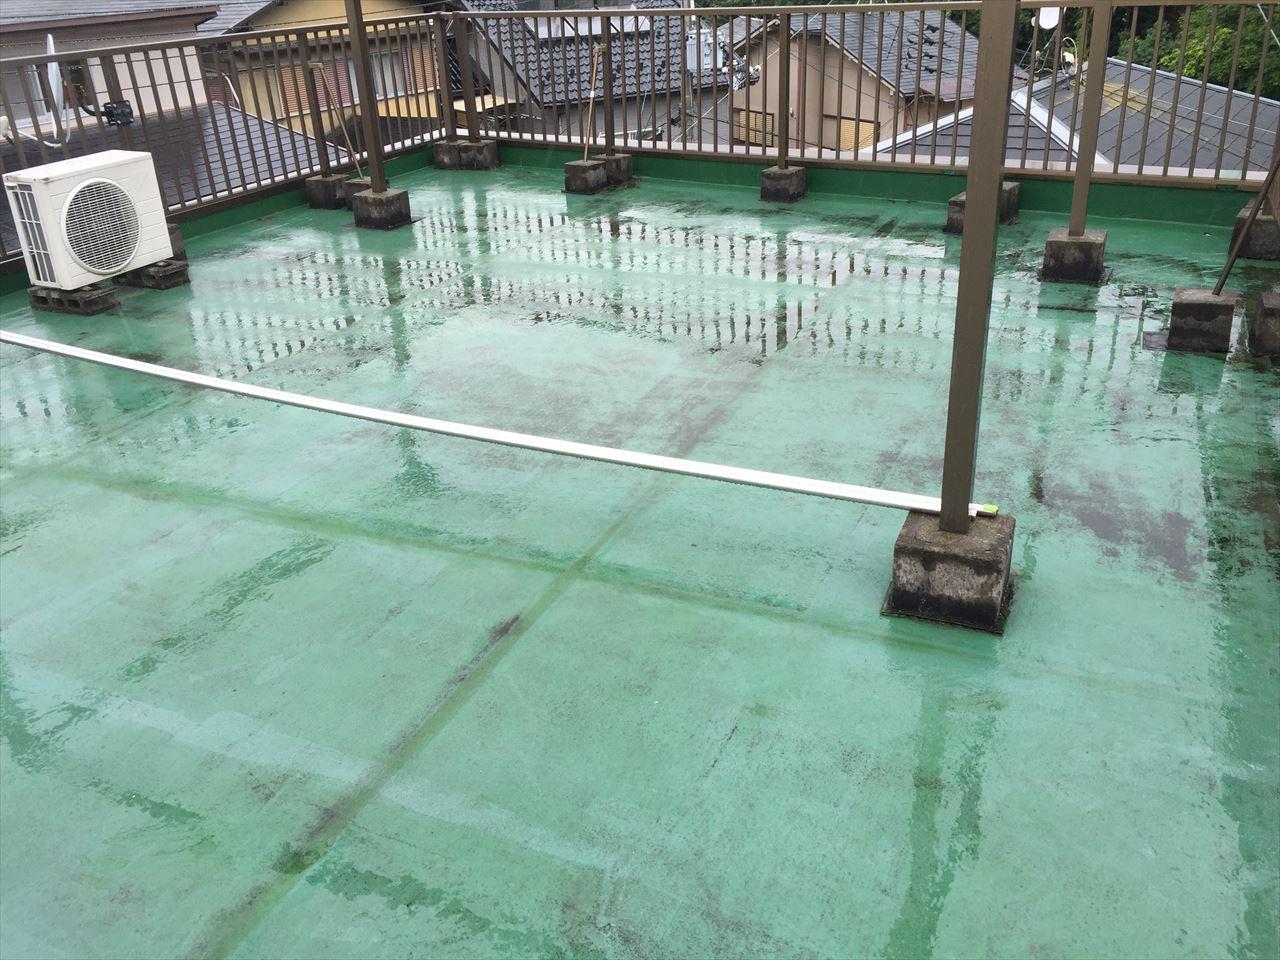 伏見区谷坂様邸屋上防水シート張り替え工事の施工前写真その1